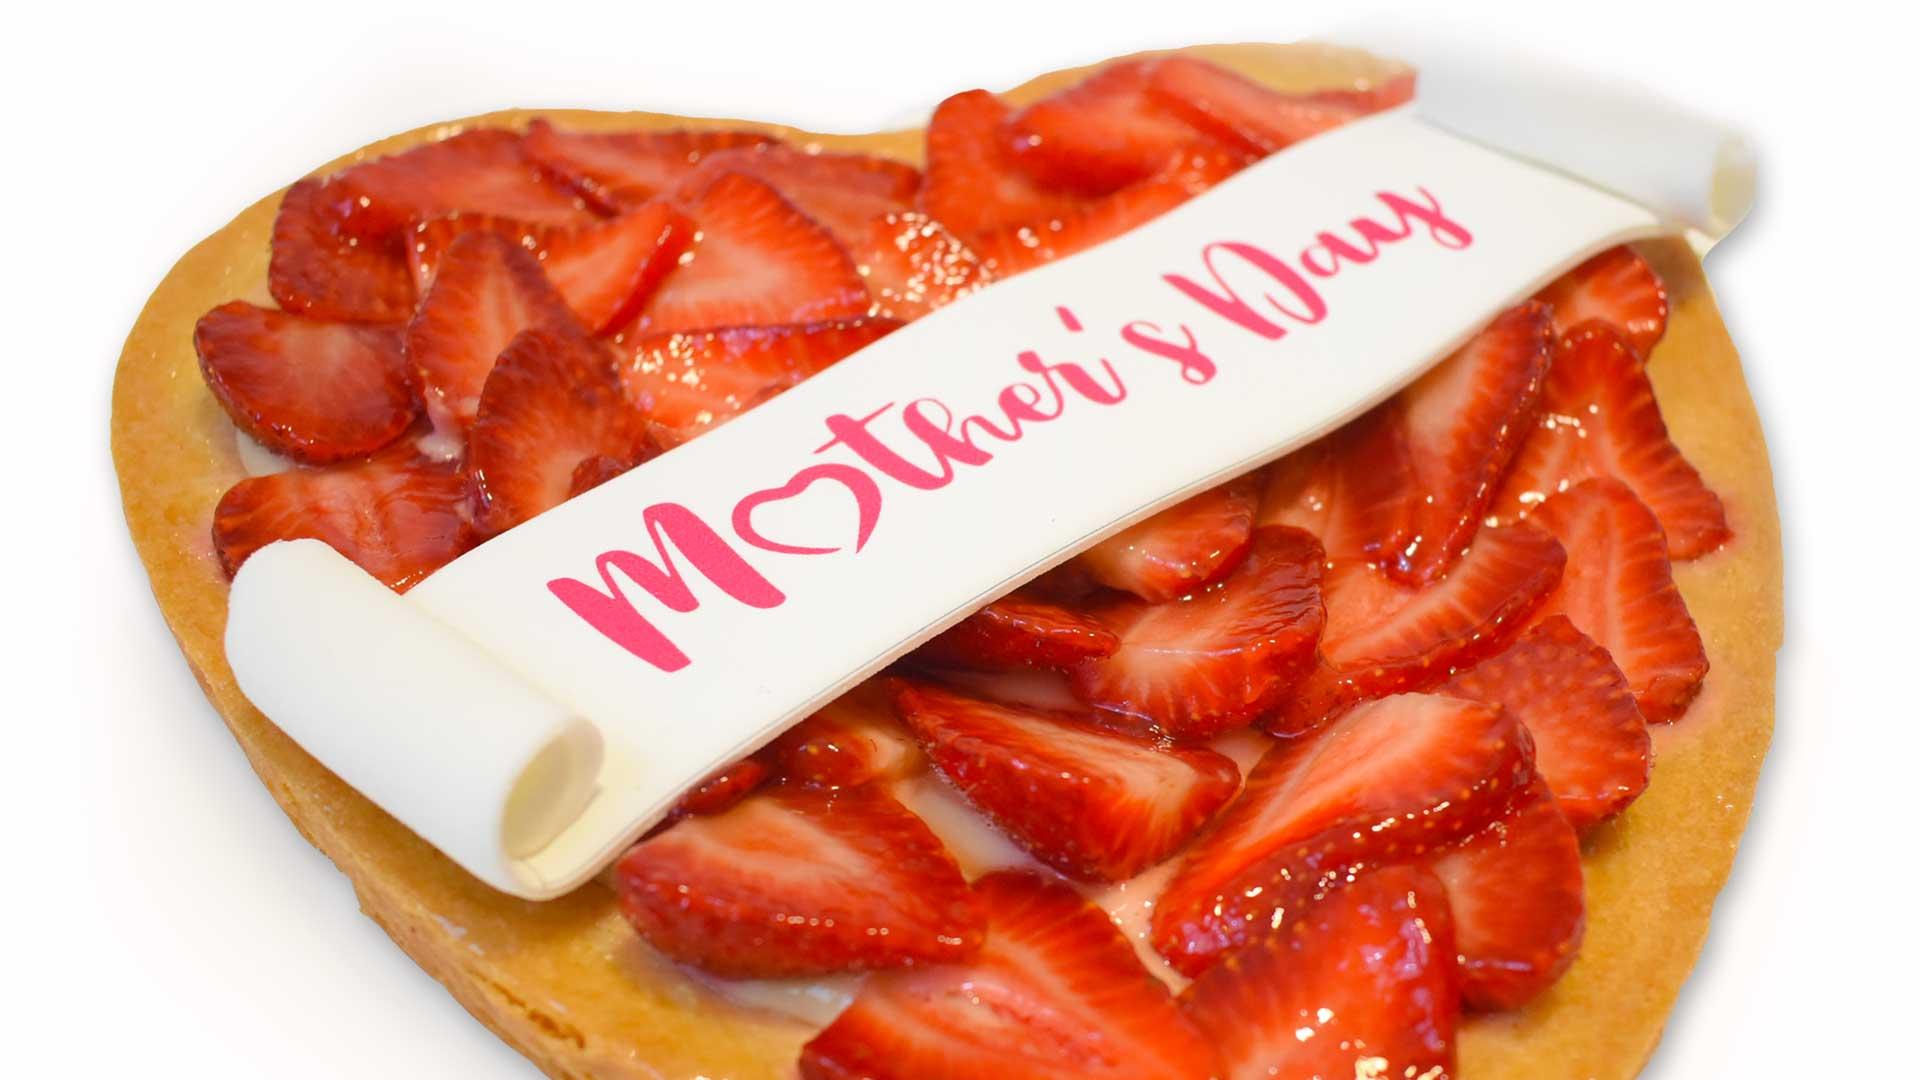 foodjoy-sweet-bakery-laboratorio-pasticceria-cantu-brioches-pasticcini-torte-caffe-prodotti-pasticceria-crostata-fragole-festa-della-mamma-home